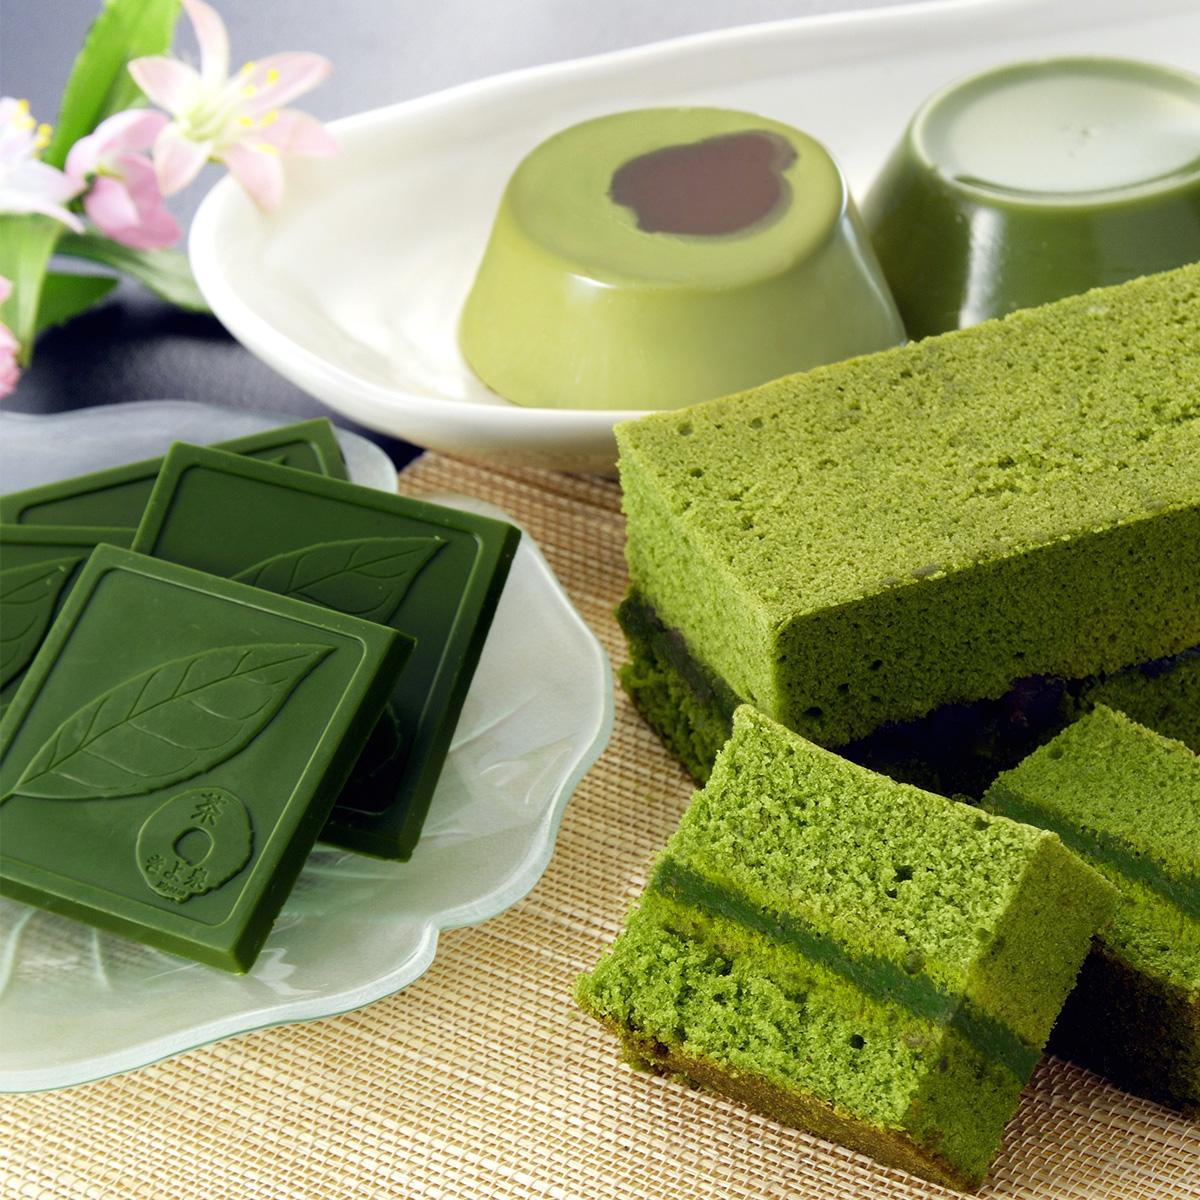 京都の本格抹茶をふんだんに使った 抹茶スイーツEXN